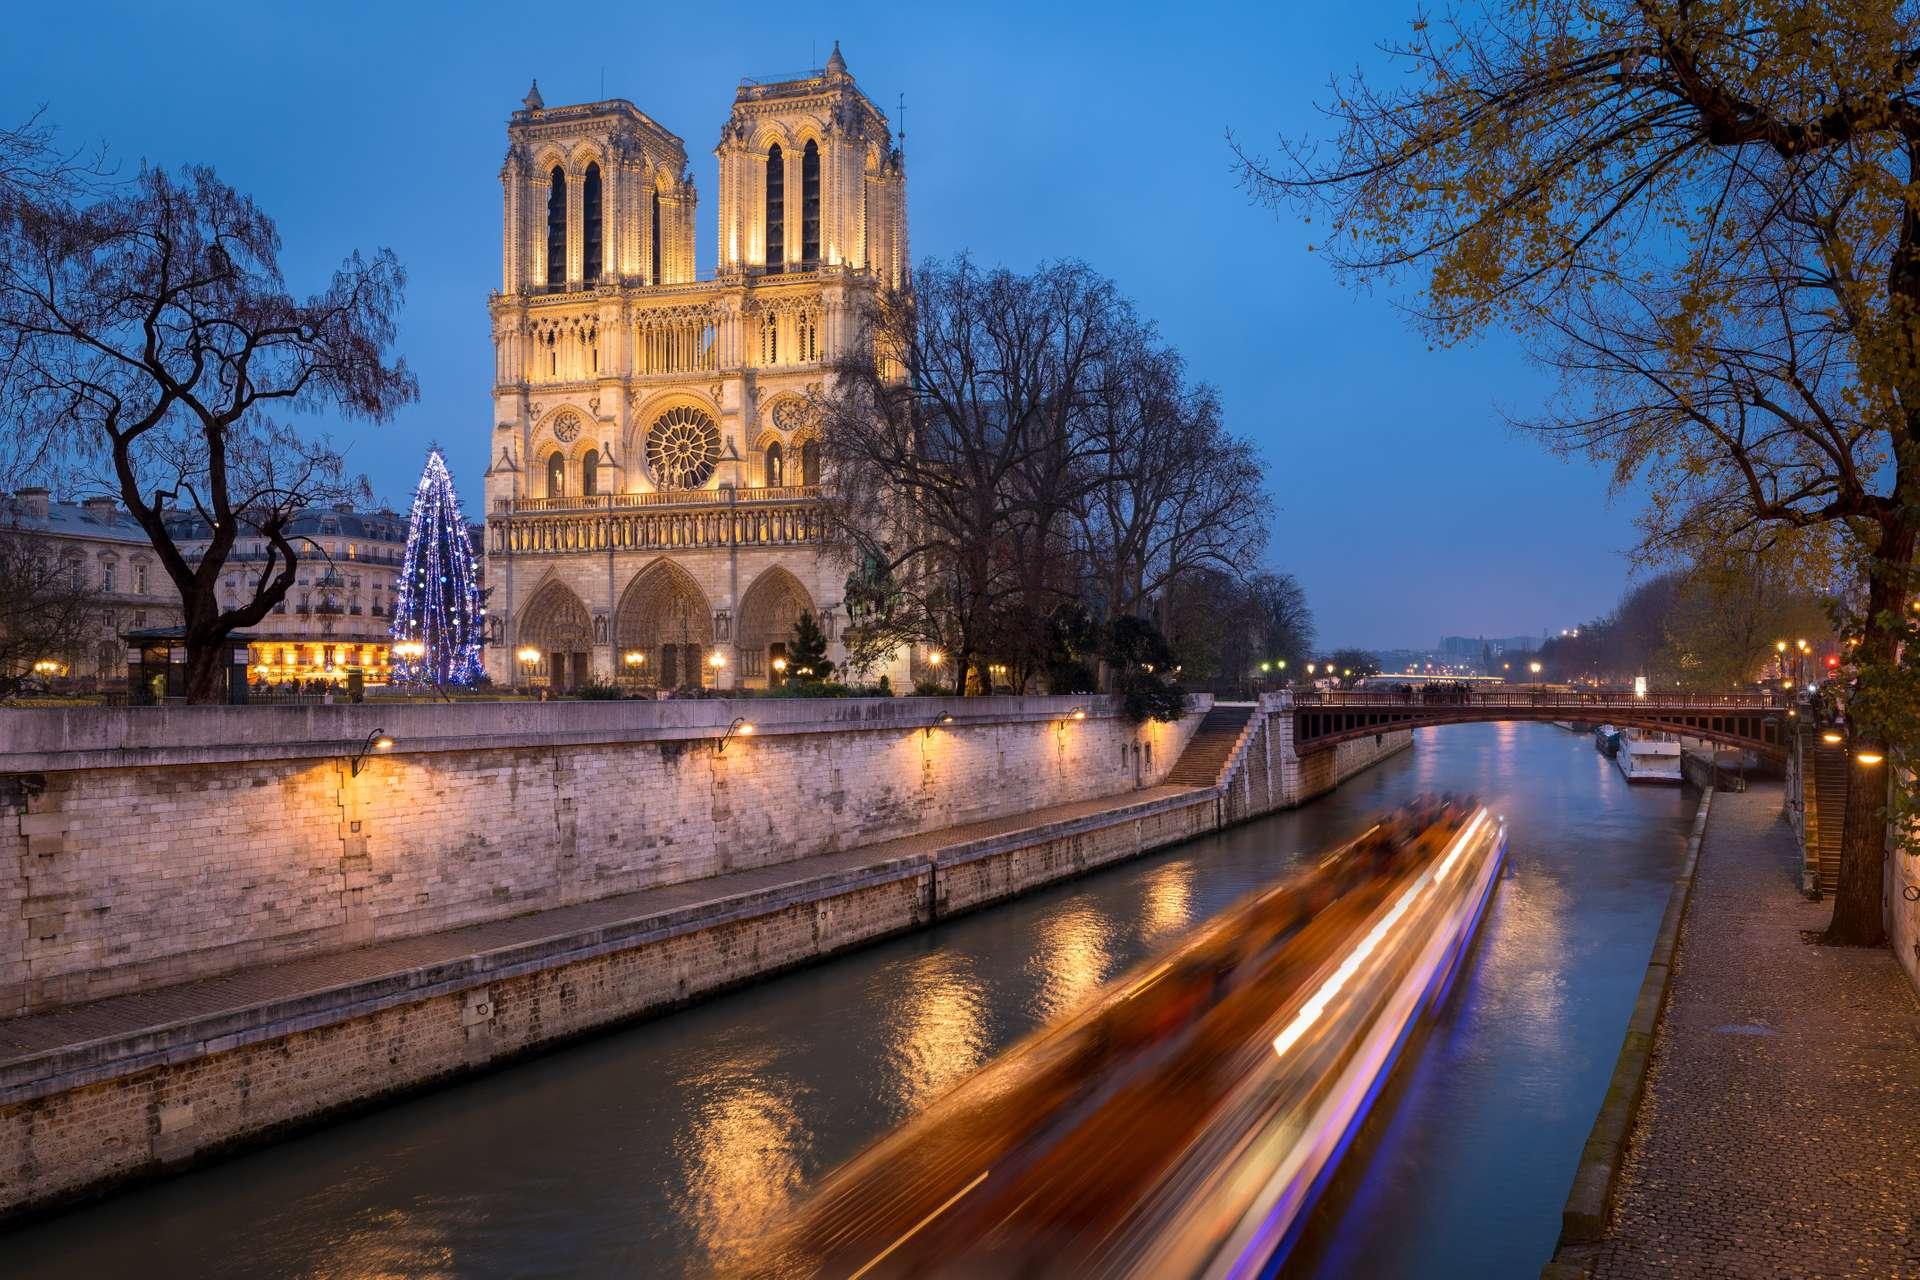 Frankrijk Parijs Christmas Tree at Notre Dame